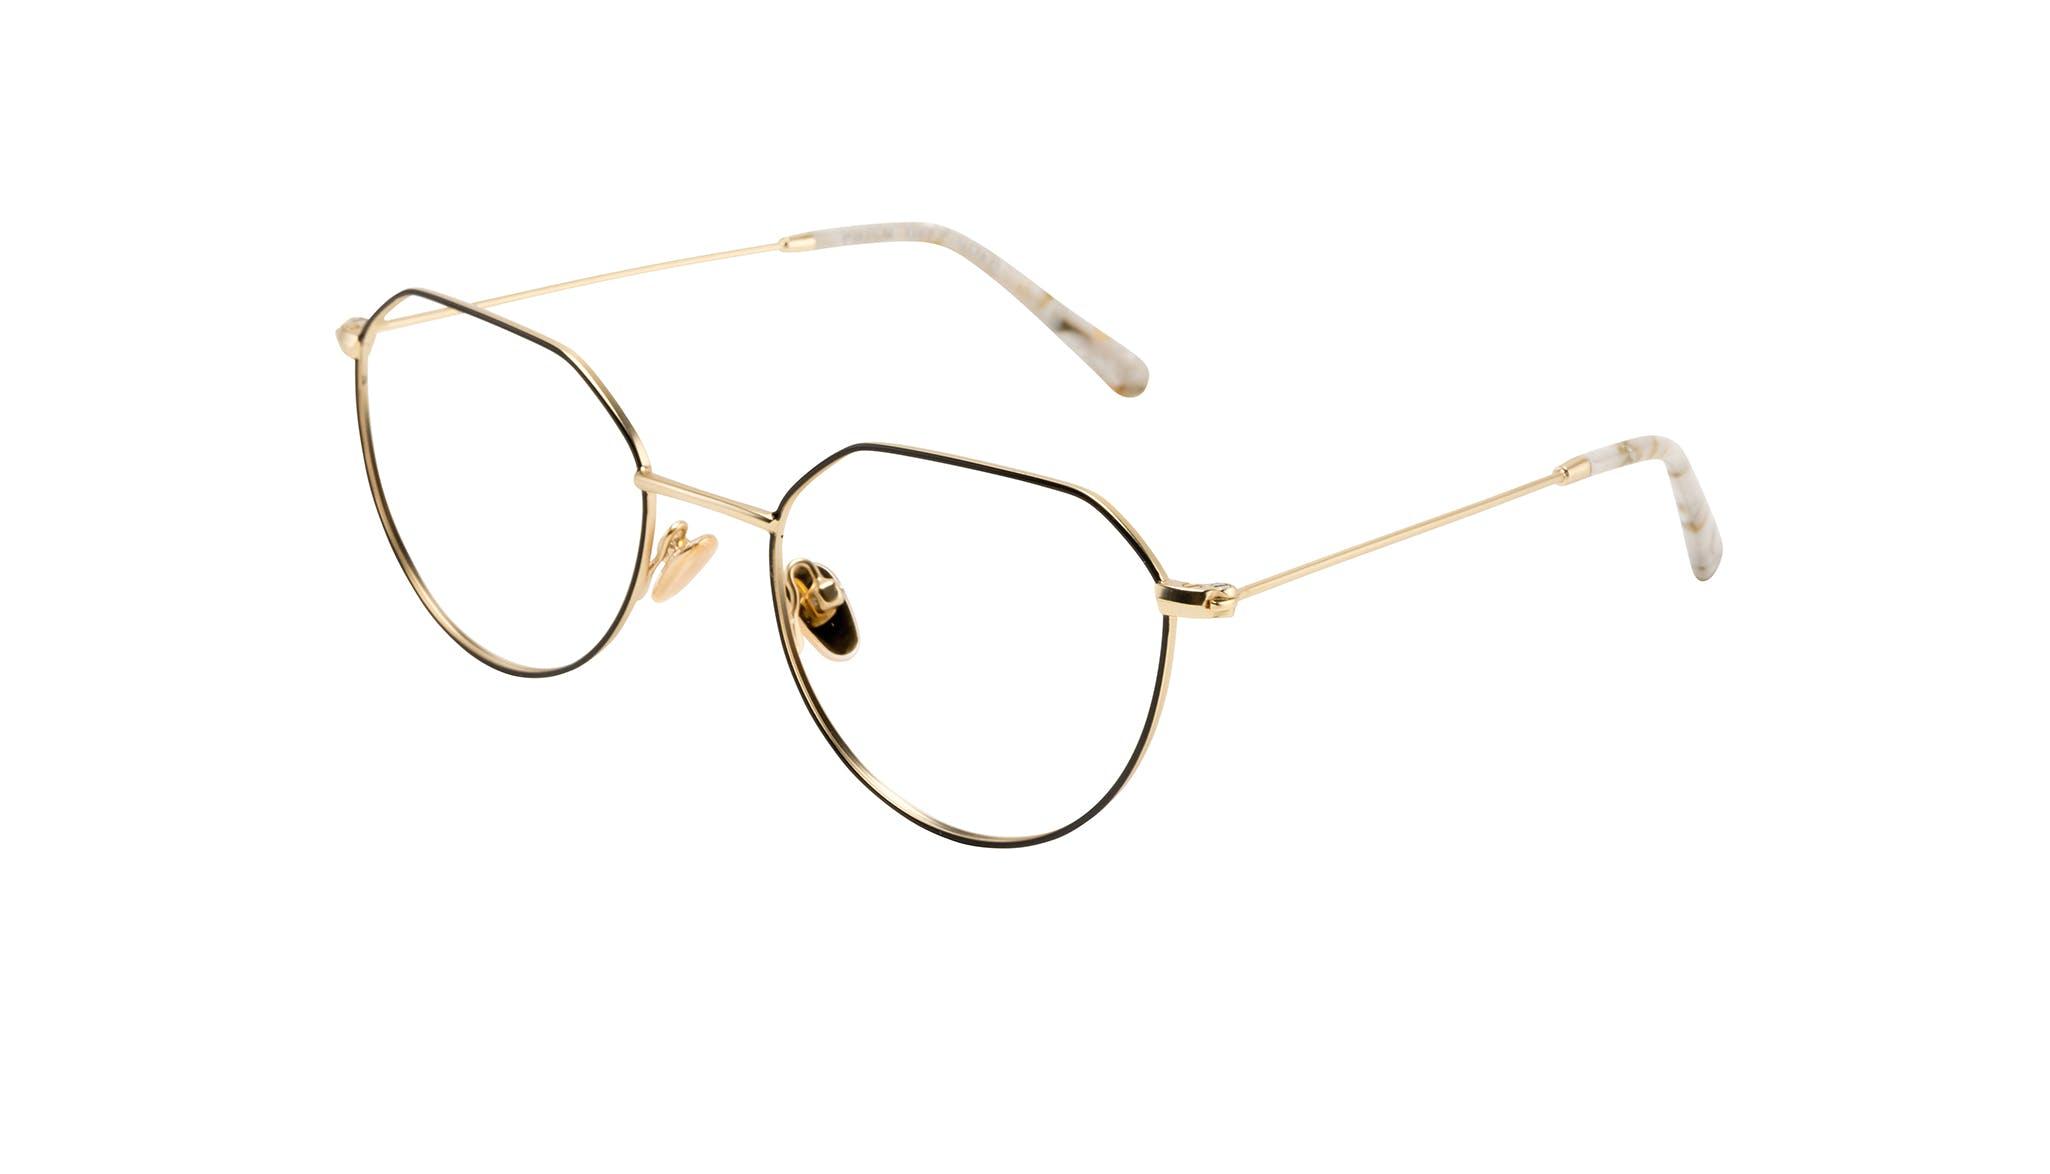 Affordable Fashion Glasses Round Eyeglasses Women Prism Deep Gold Tilt